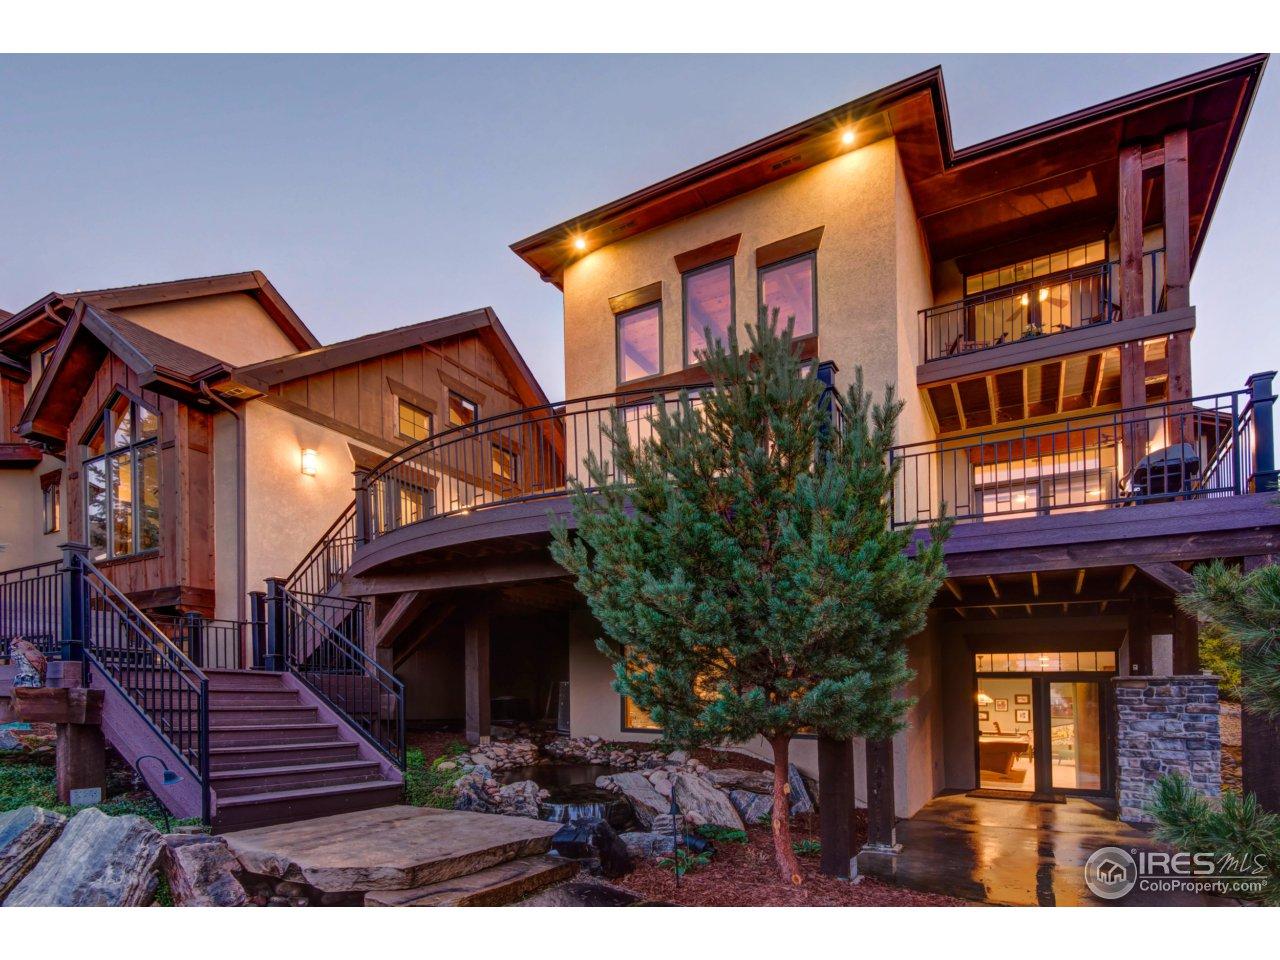 8456 Golden Eagle Rd, Fort Collins, CO 80528